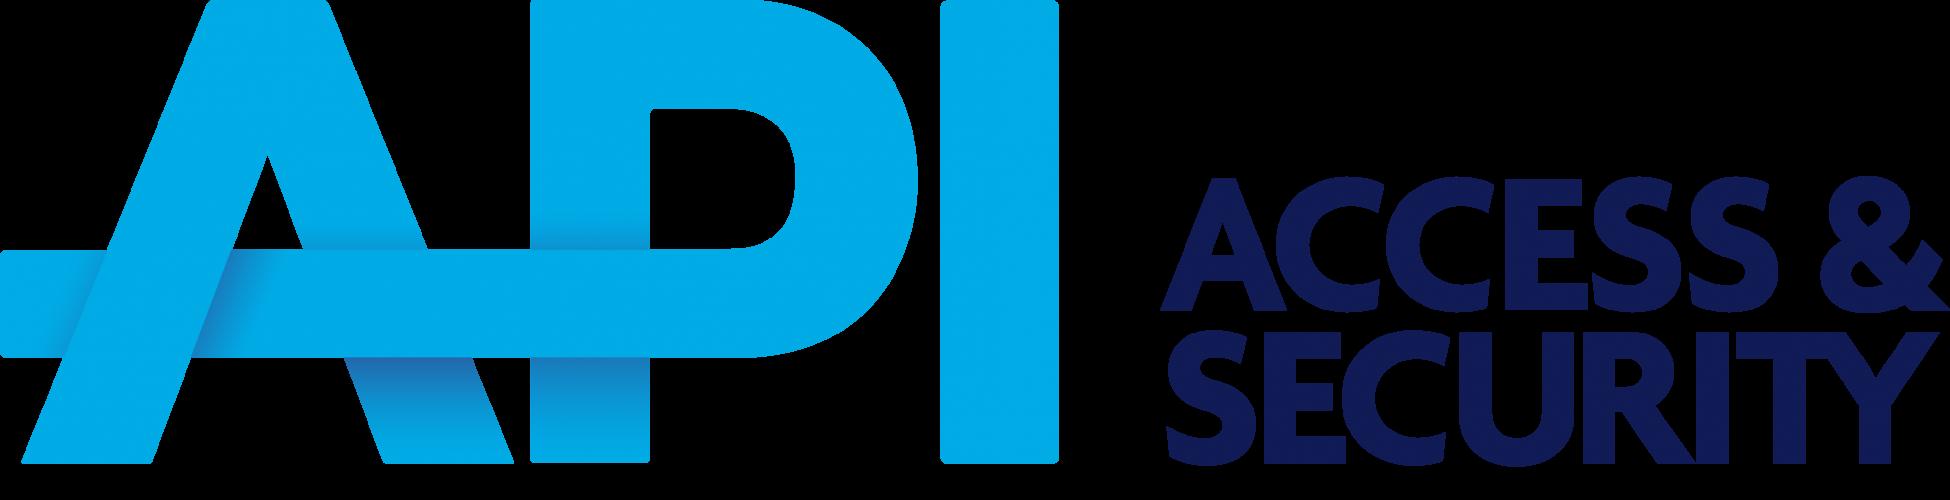 API Access & Security